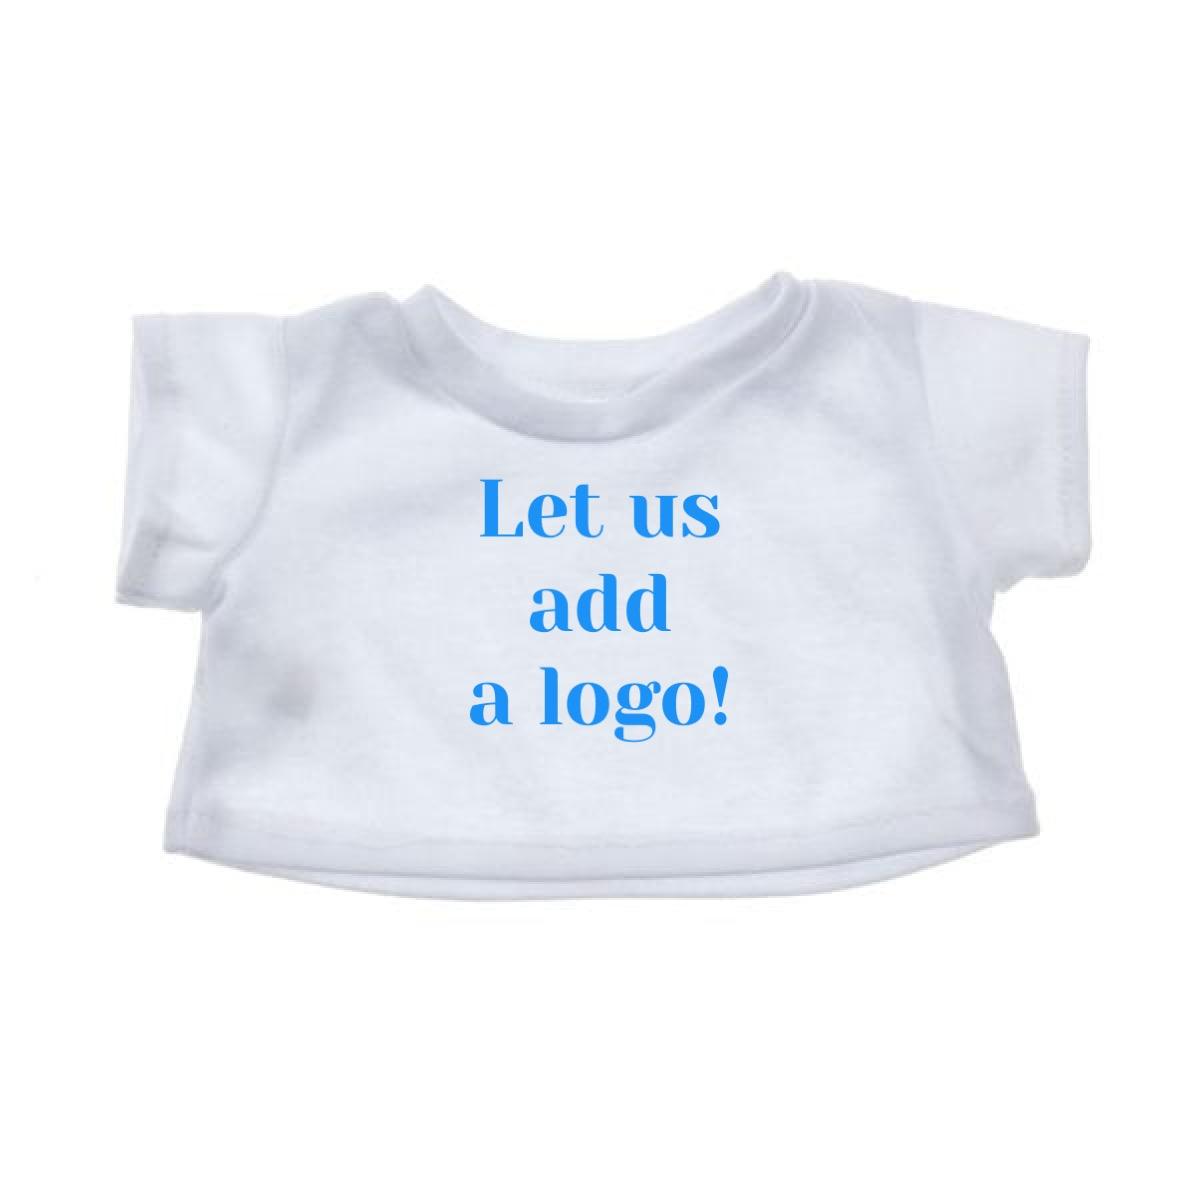 Create a T-shirt